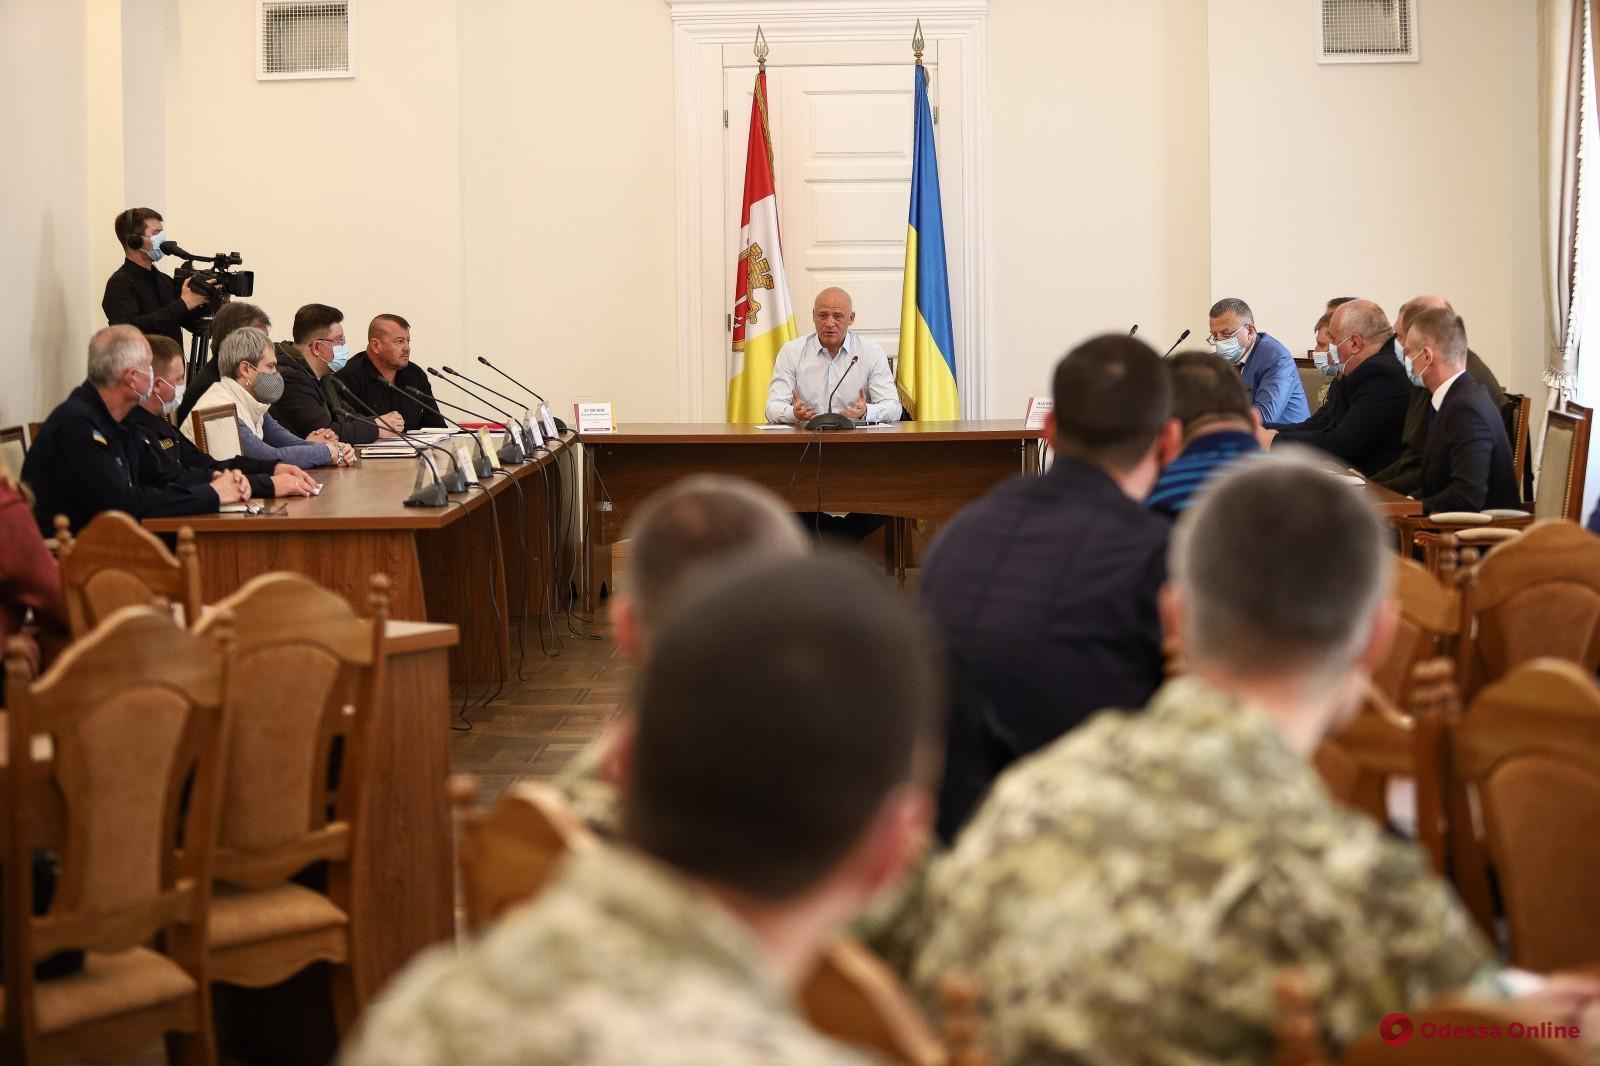 Геннадий Труханов провел совещание по повышению уровня безопасности в городе